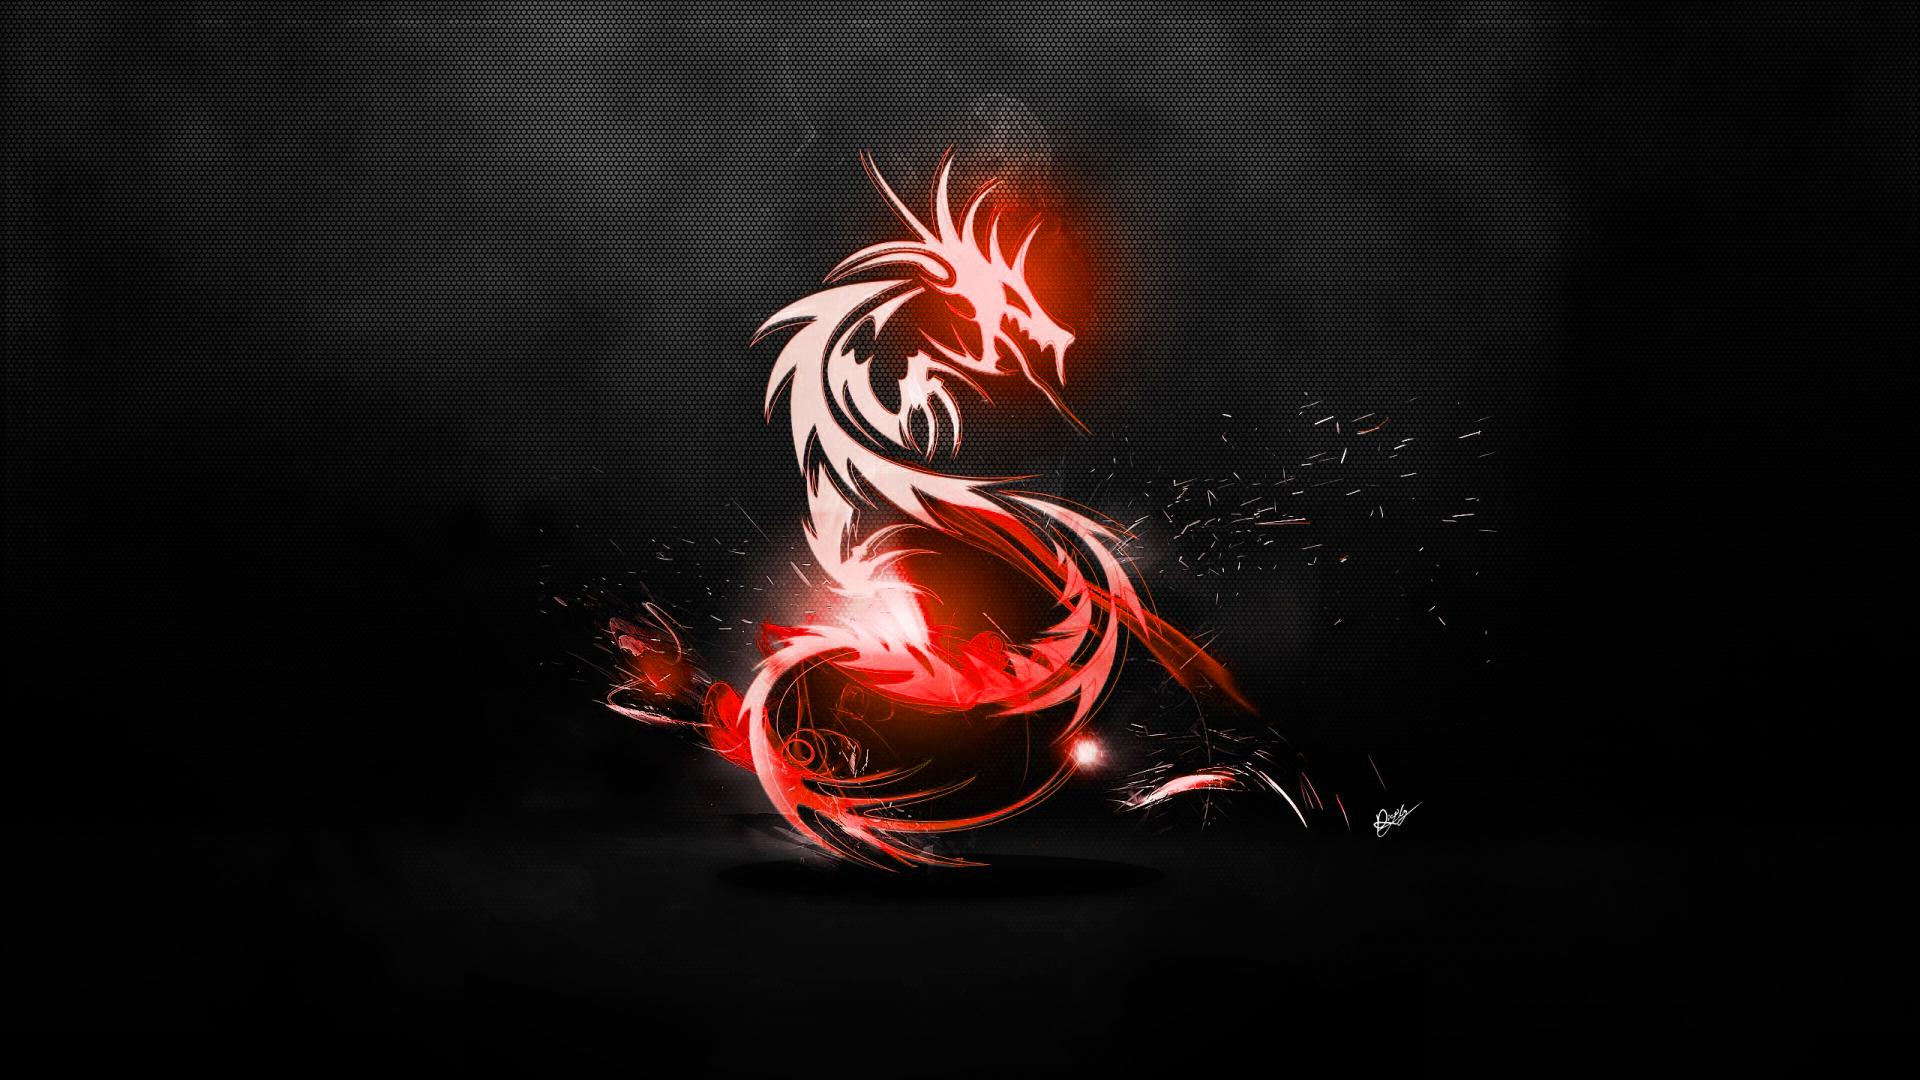 Red Dragon Gaming Wallpaper - WallpaperSafari